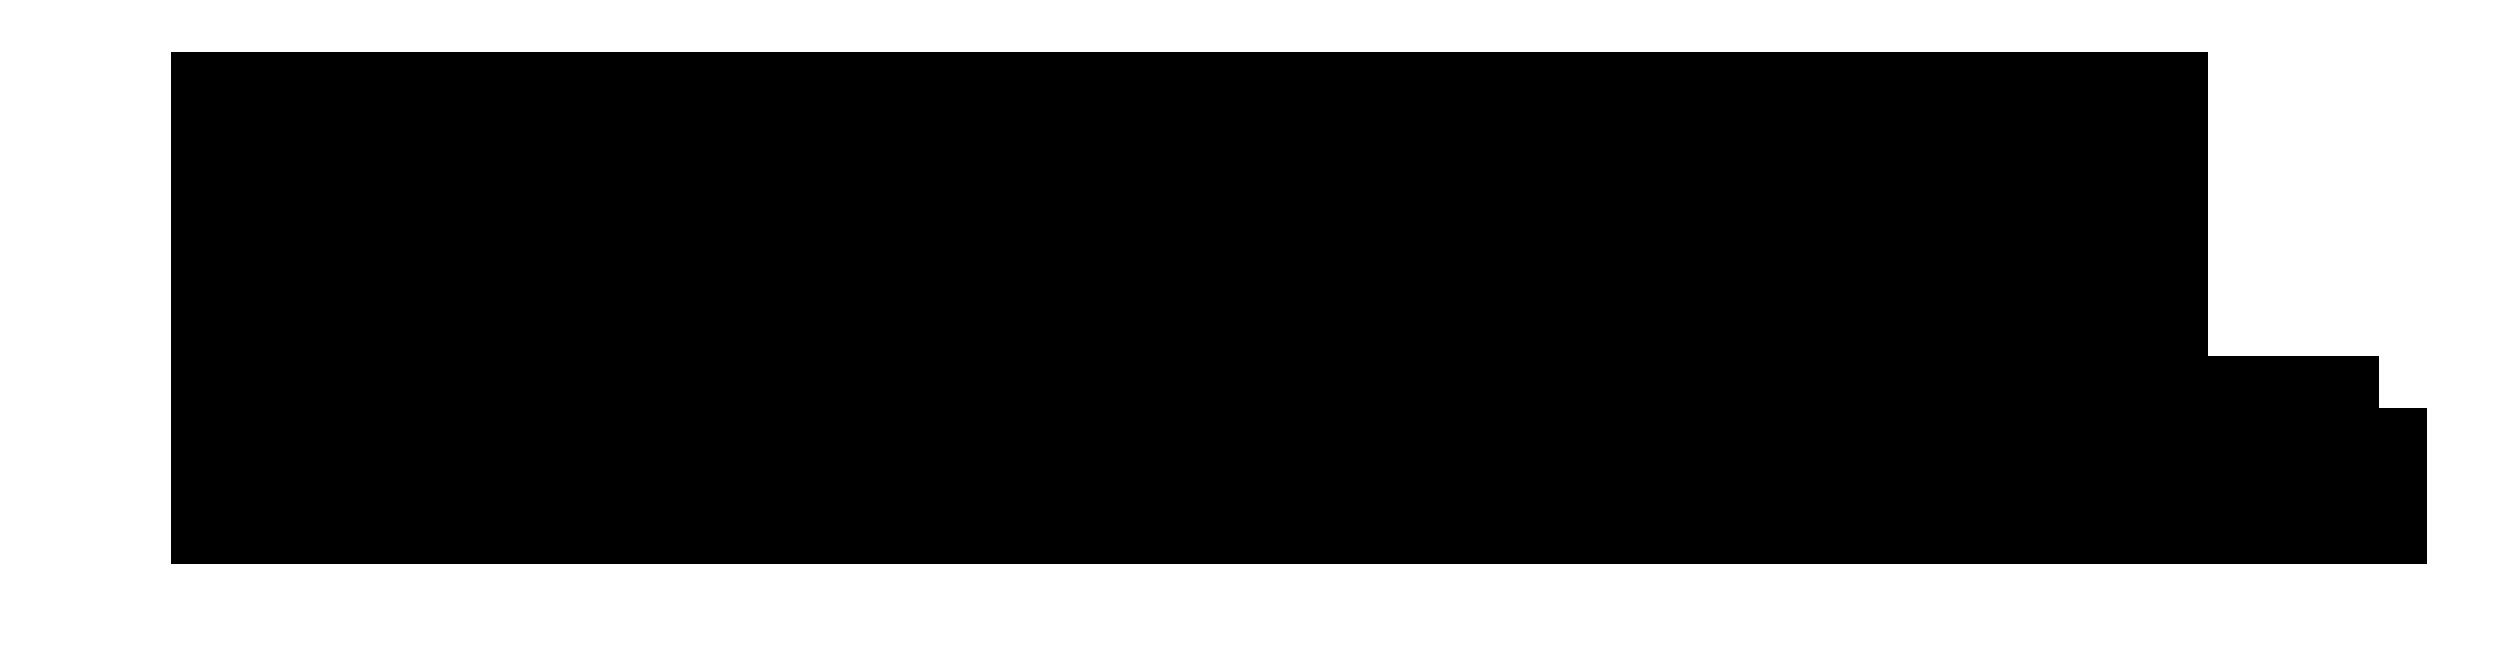 Mat Miller Logo